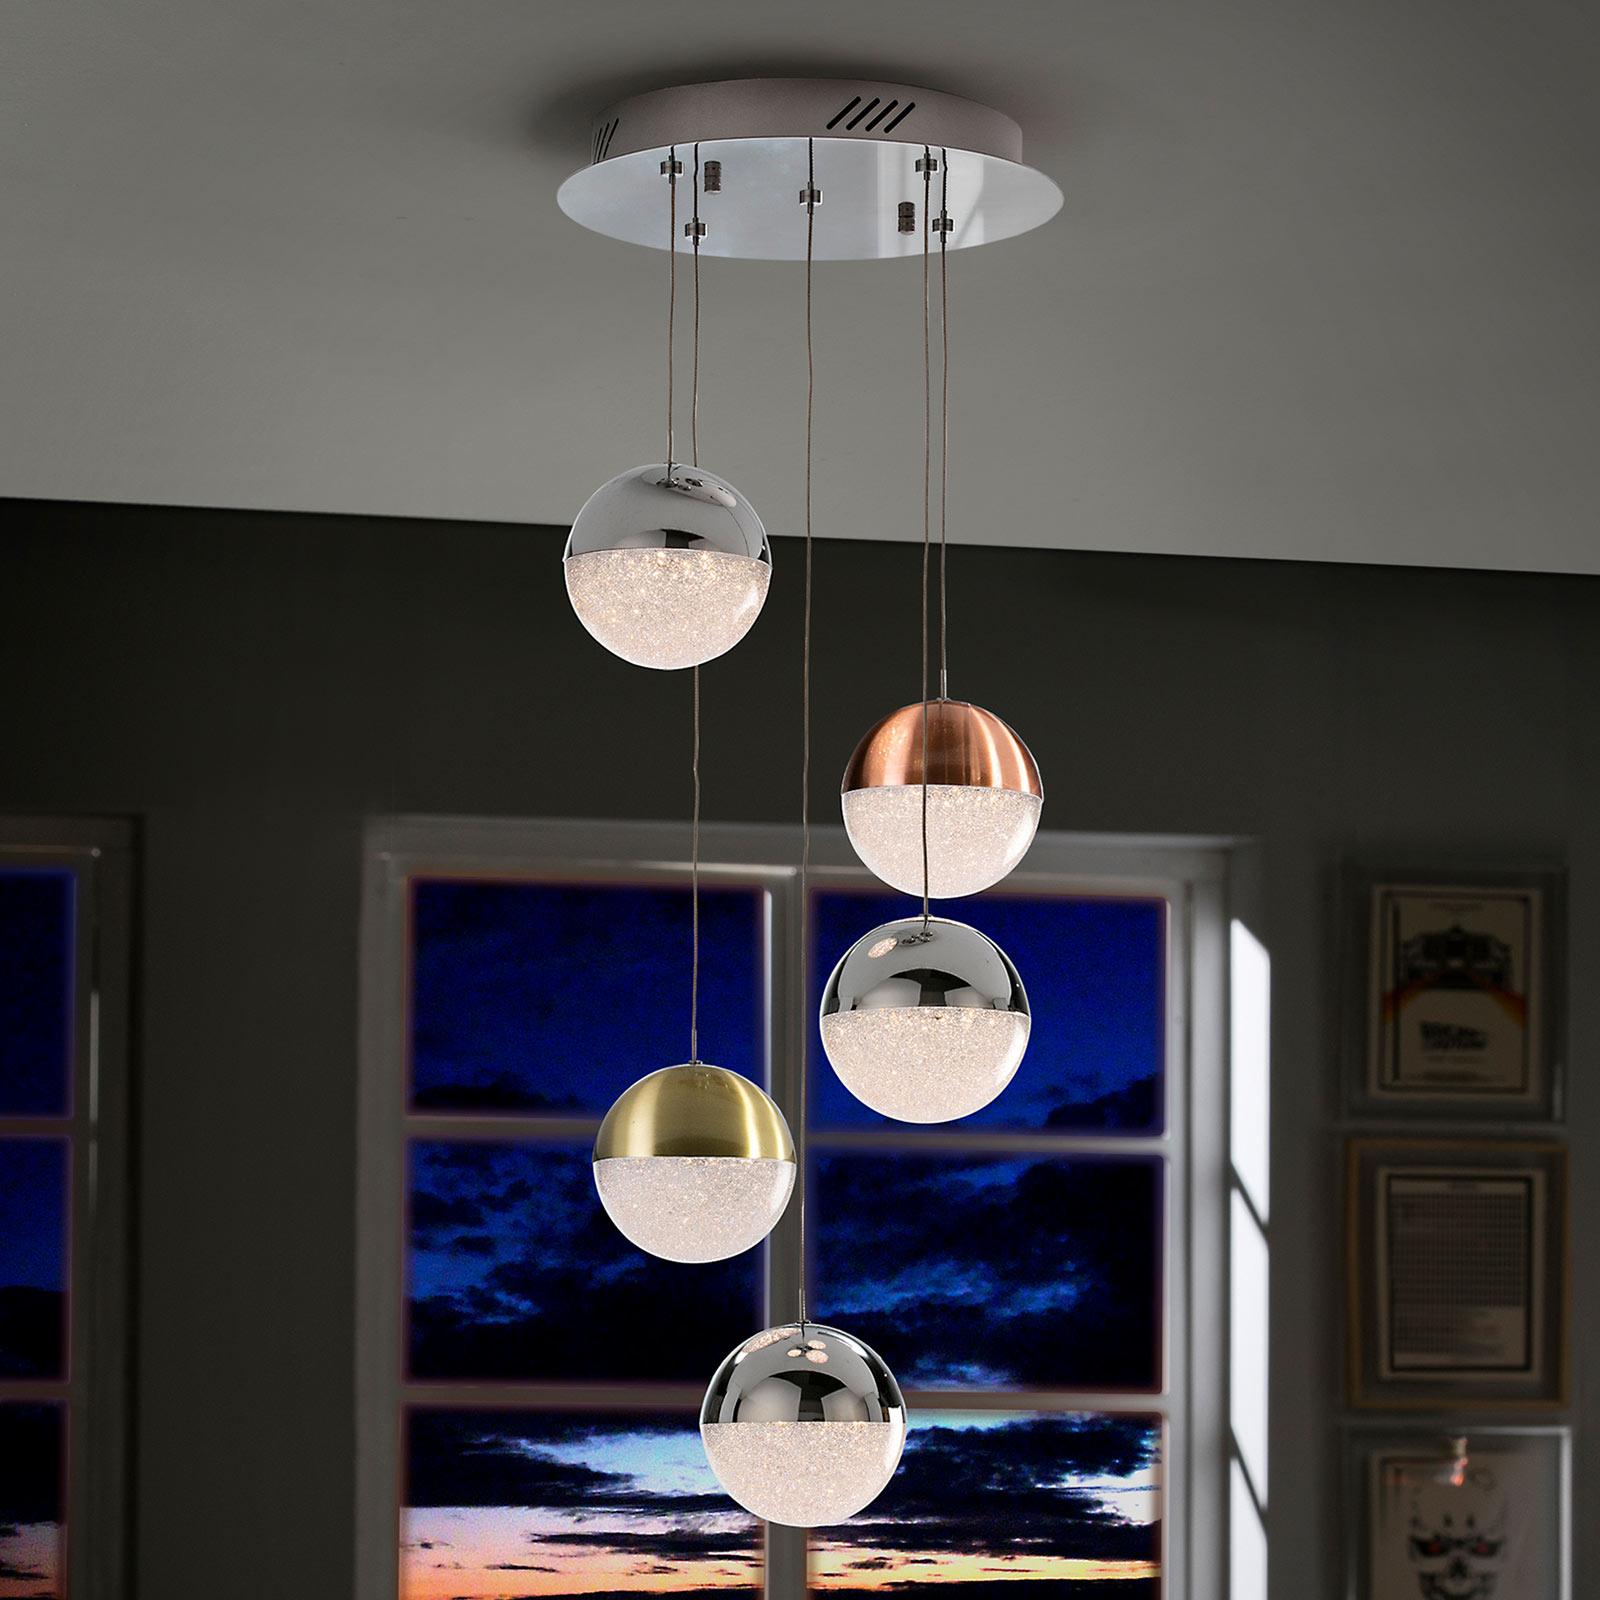 LED-hengelampe Sphere, flerfarget, 5 lyskilder